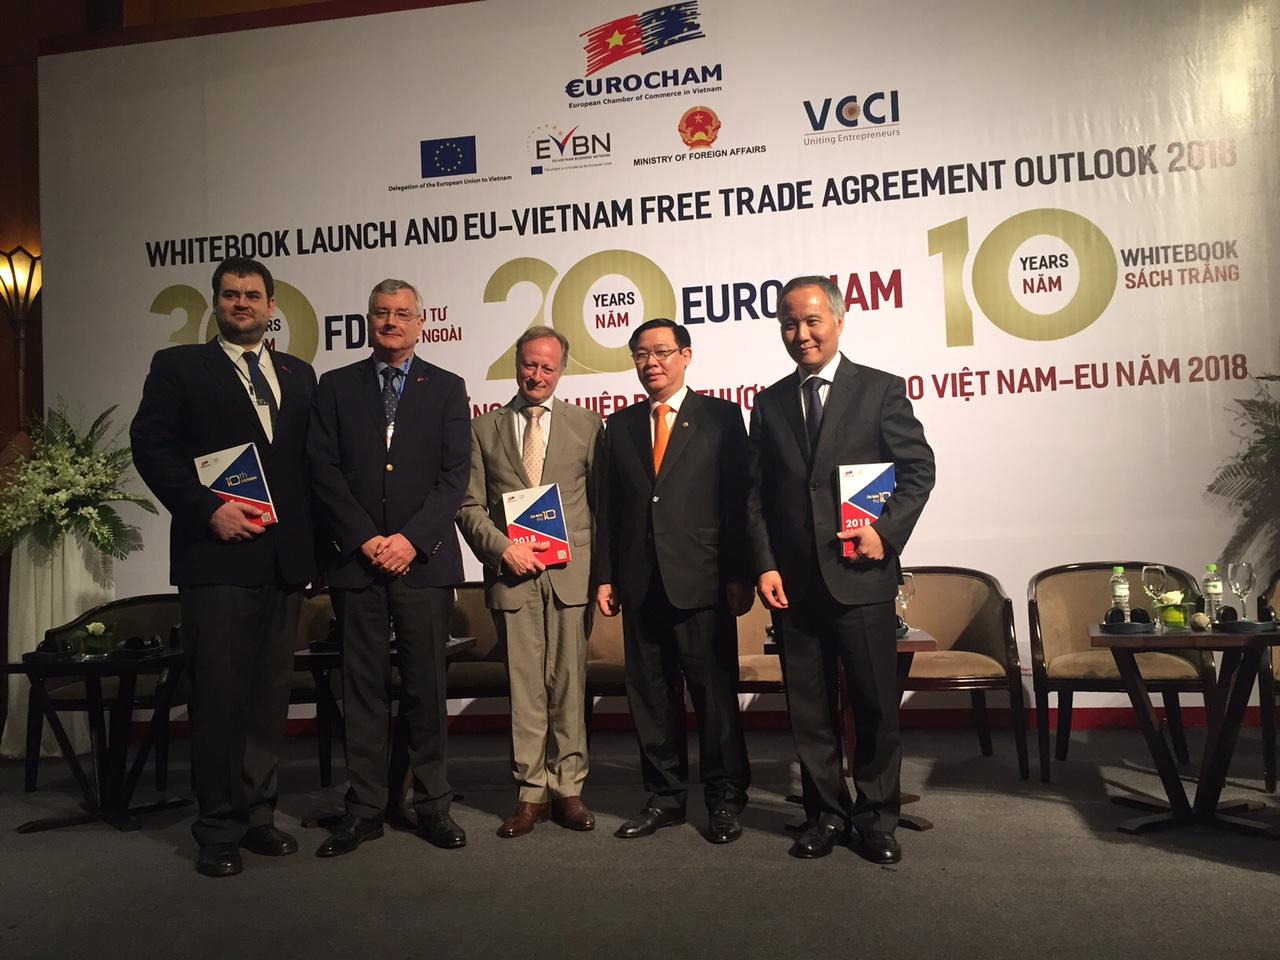 Sách trắng 2018 đưa ra những nhận định khả quan khi hiệp định EVFTA thực thi